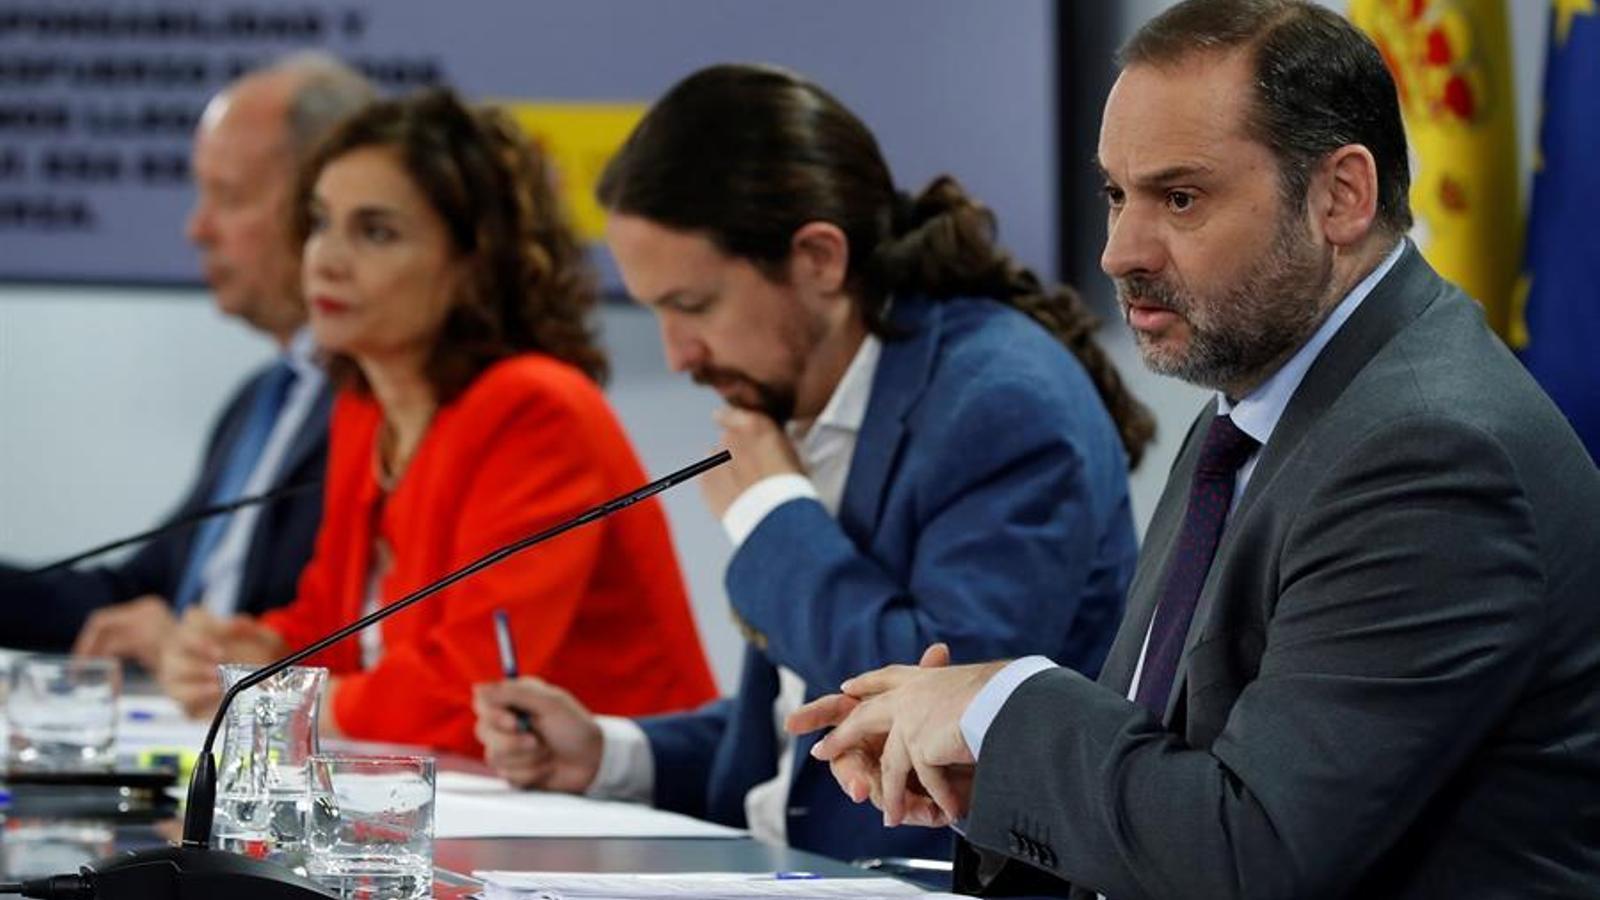 Roda de premsa del consell de ministres d'aquest dimarts